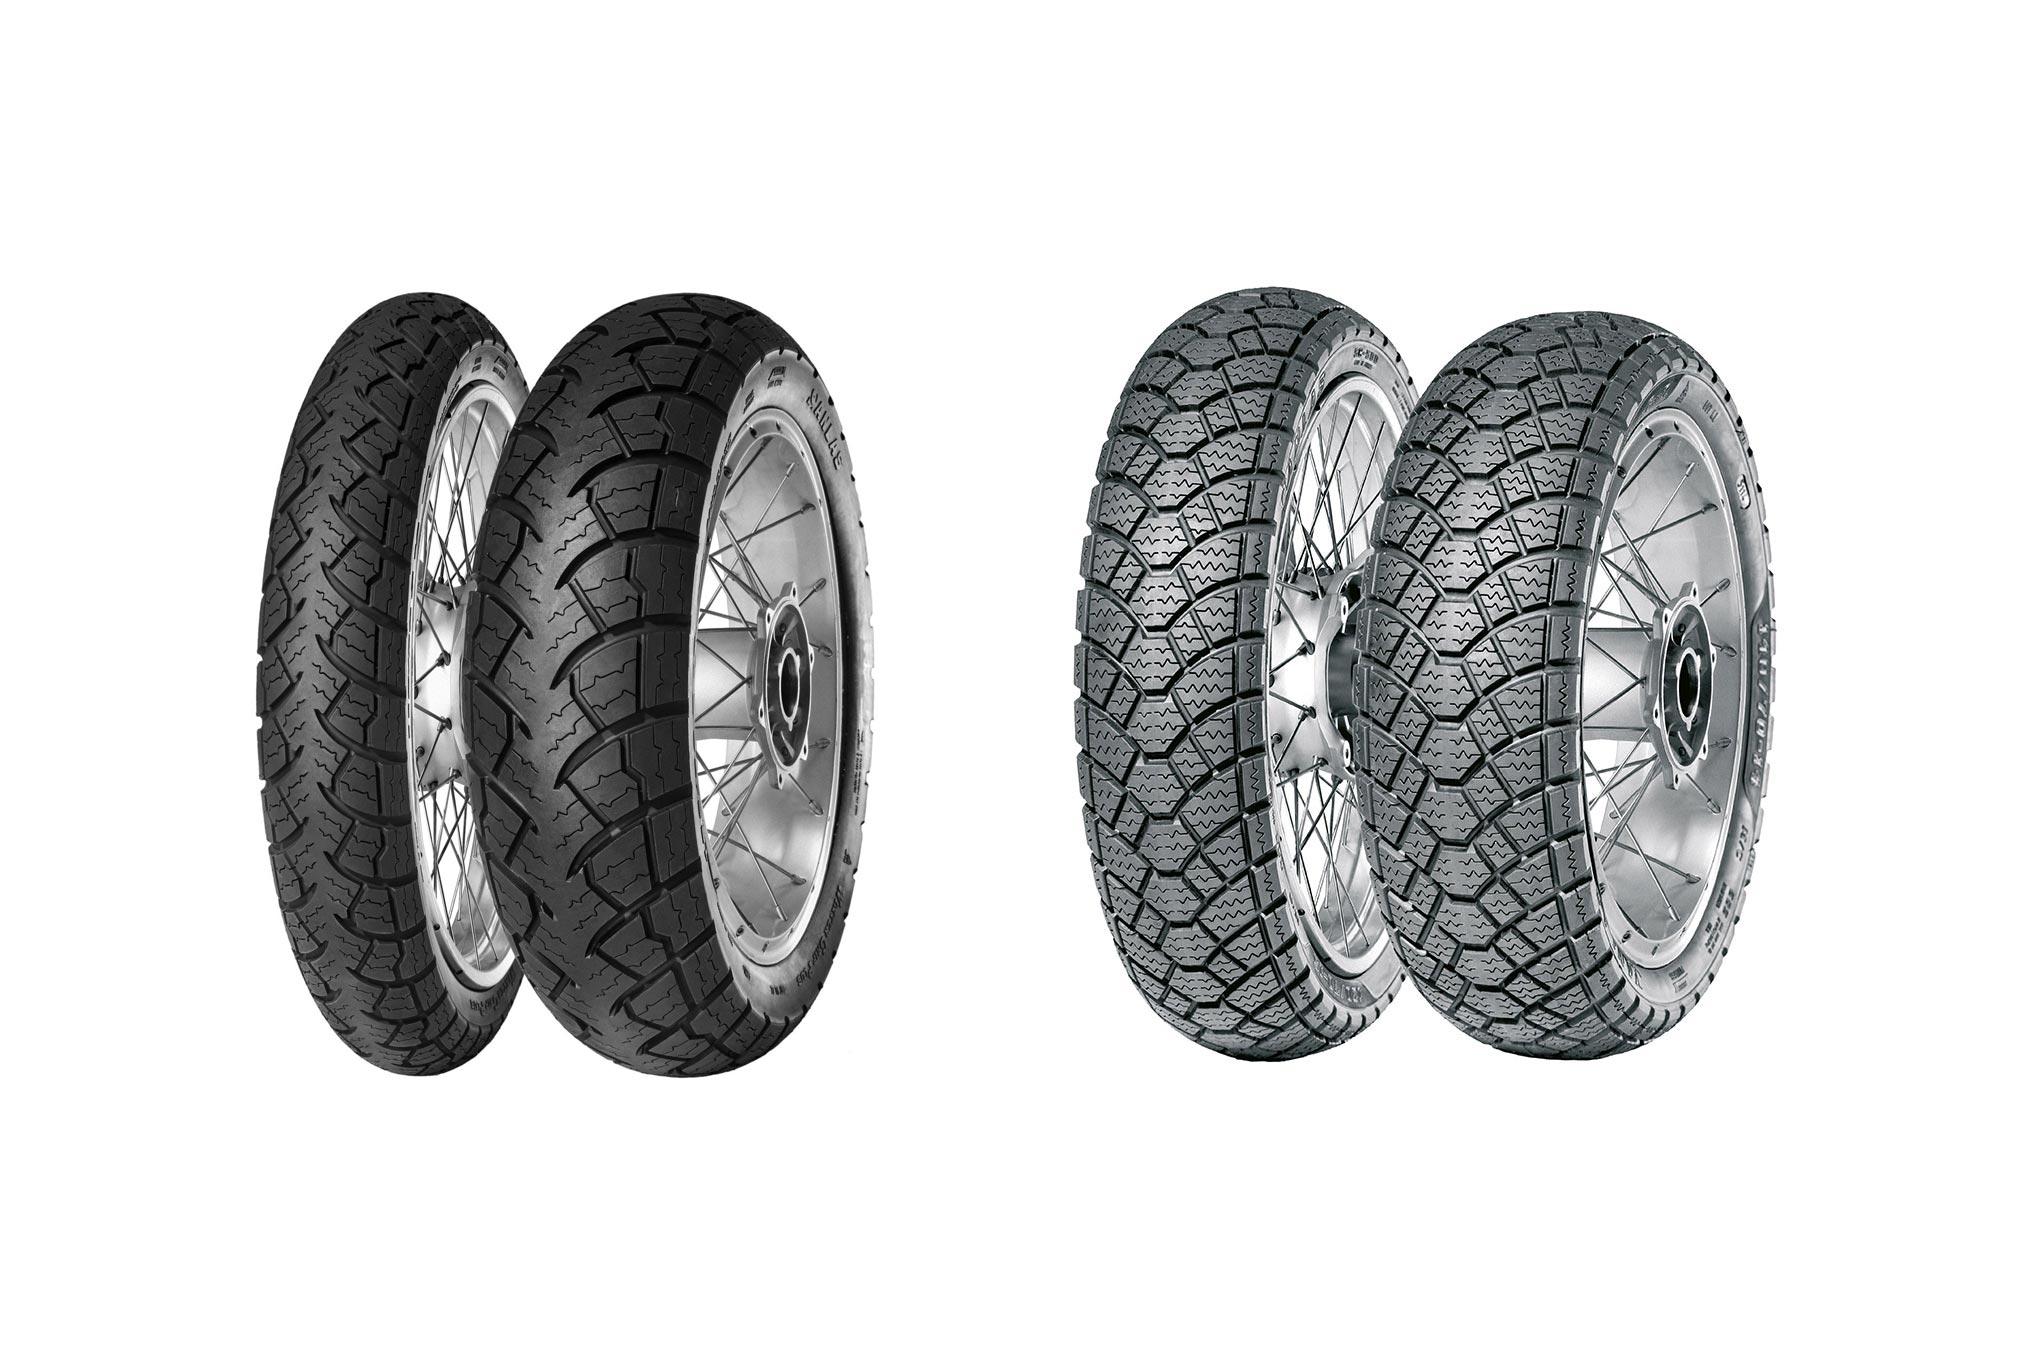 Bons pneus pour chemins, et hiver Anlas-winter-traction-motorcycle-tire